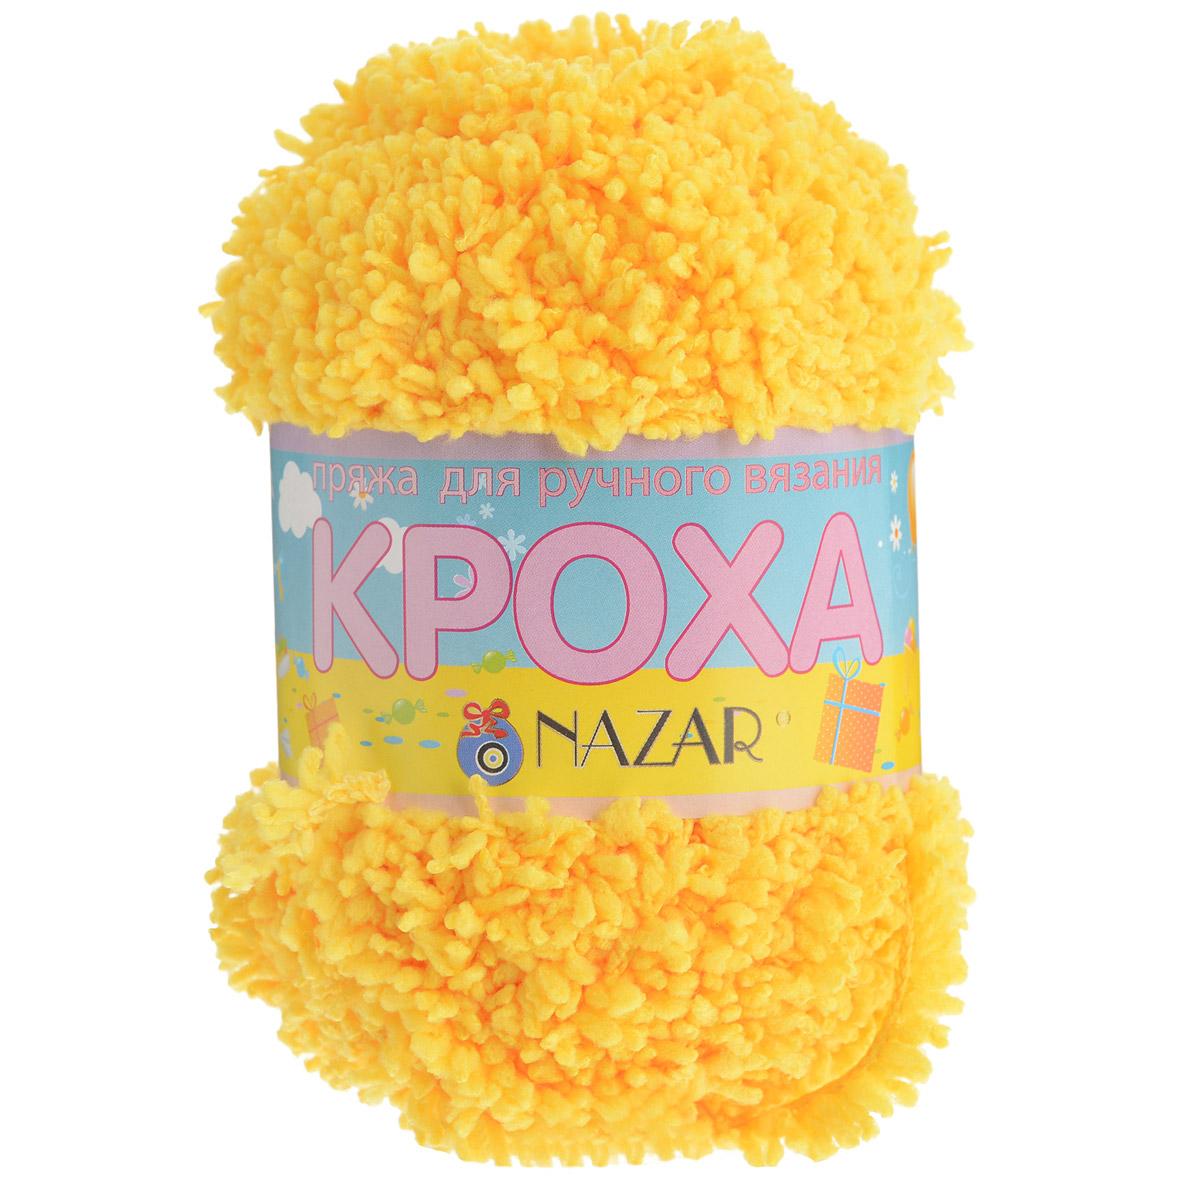 Пряжа для вязания детская Nazar Кроха, цвет: ярко-желтый (518), 75 м, 50 г, 10 шт349017_518Nazar Кроха - это фантастически мягкая пряжа, изготовленная из 100% микрополиэстера. Такая пряжа идеально подойдет для изготовления игрушек или детской одежды. Изделия практичны в носке и уходе. Рекомендуется вязать спицами платочной или чулочной вязкой (кулинарная гладь). Комплектация: 10 мотков. Состав: 100% микрополиэстер.